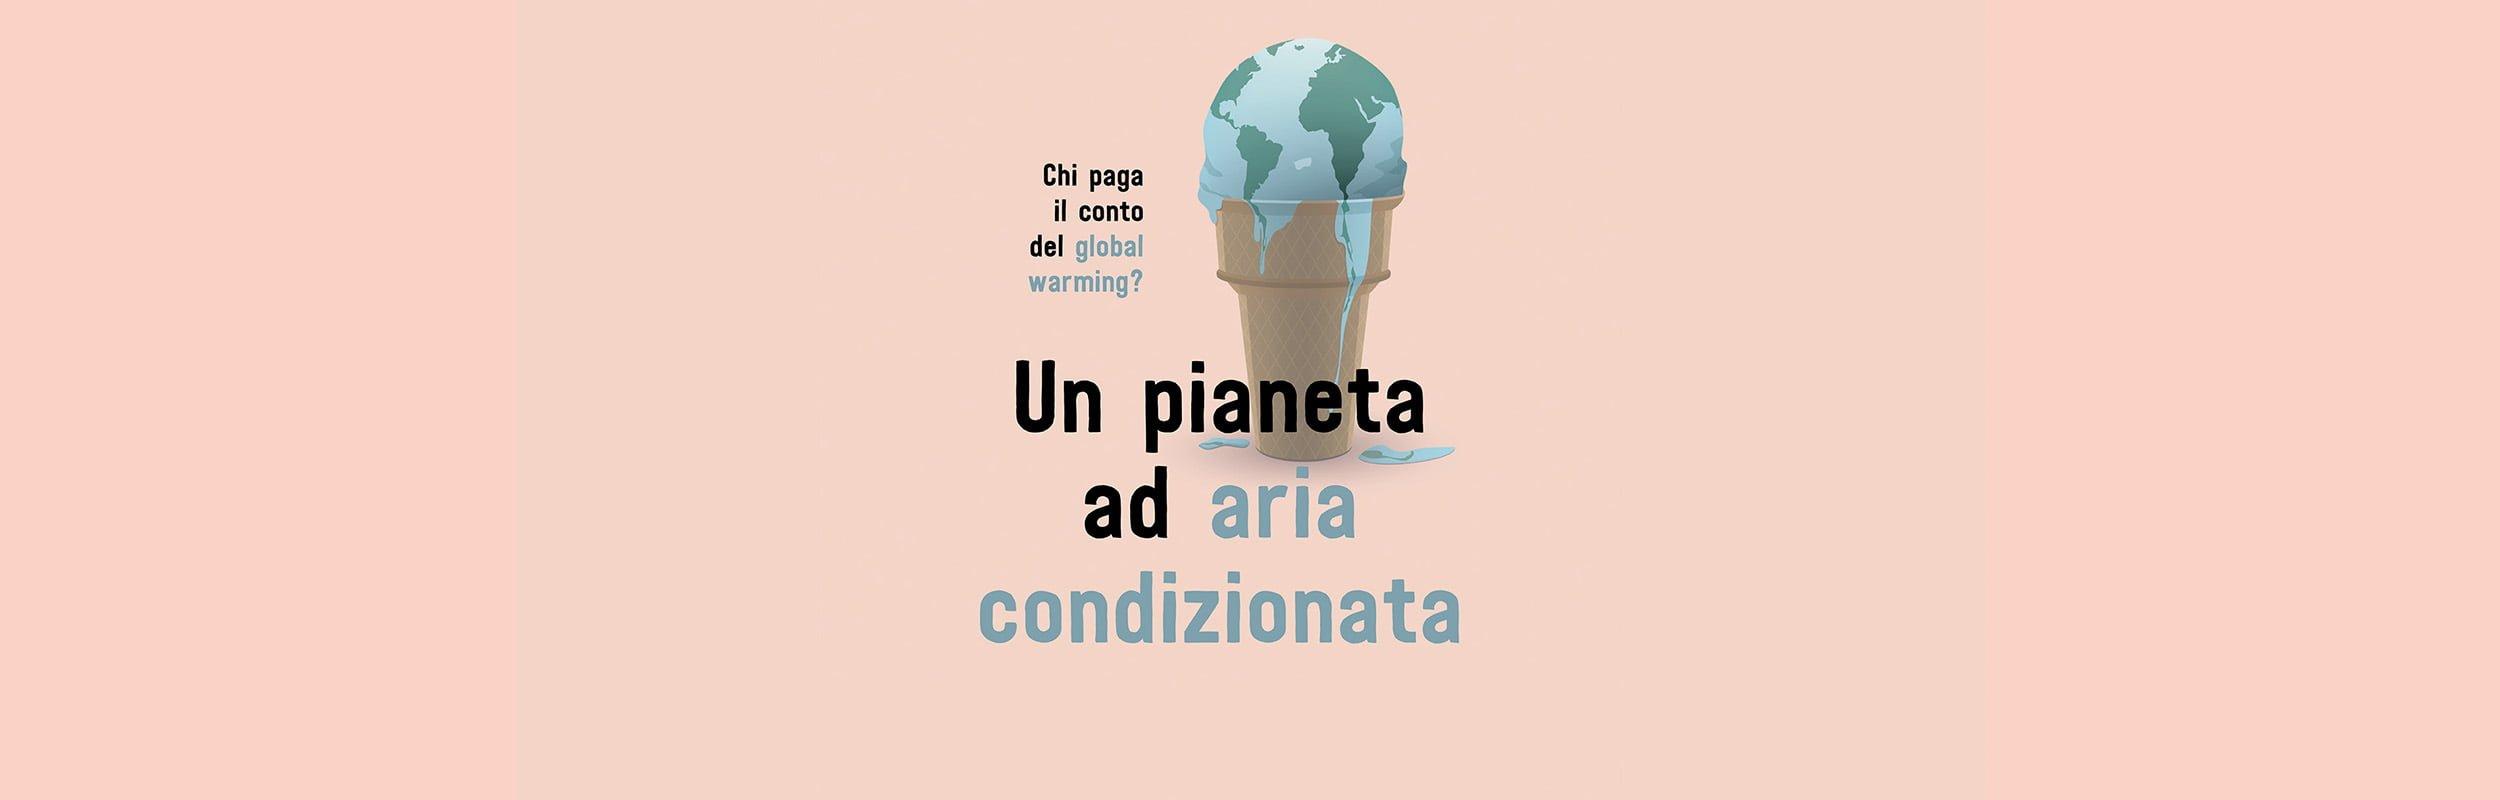 """""""Un pianeta ad aria condizionata. Chi paga il conto del global warming?"""""""